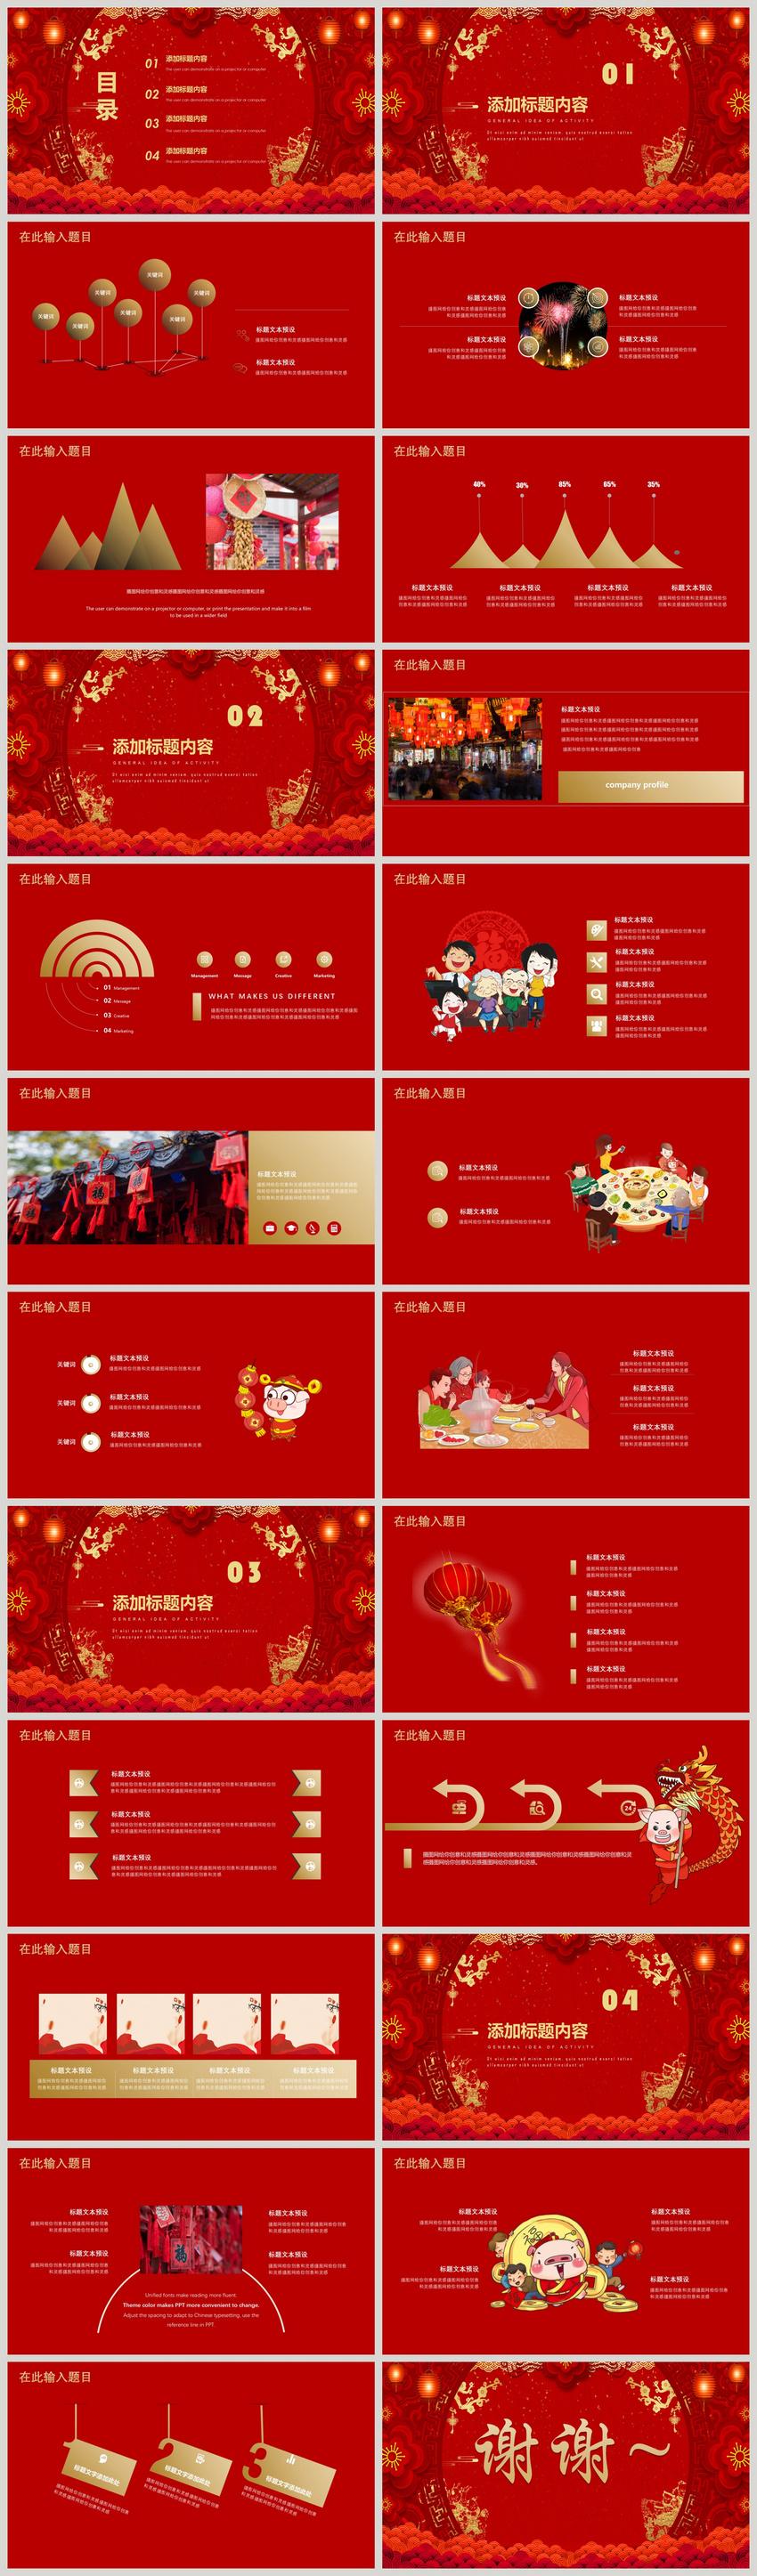 2019新年快乐节日PPT模板图片